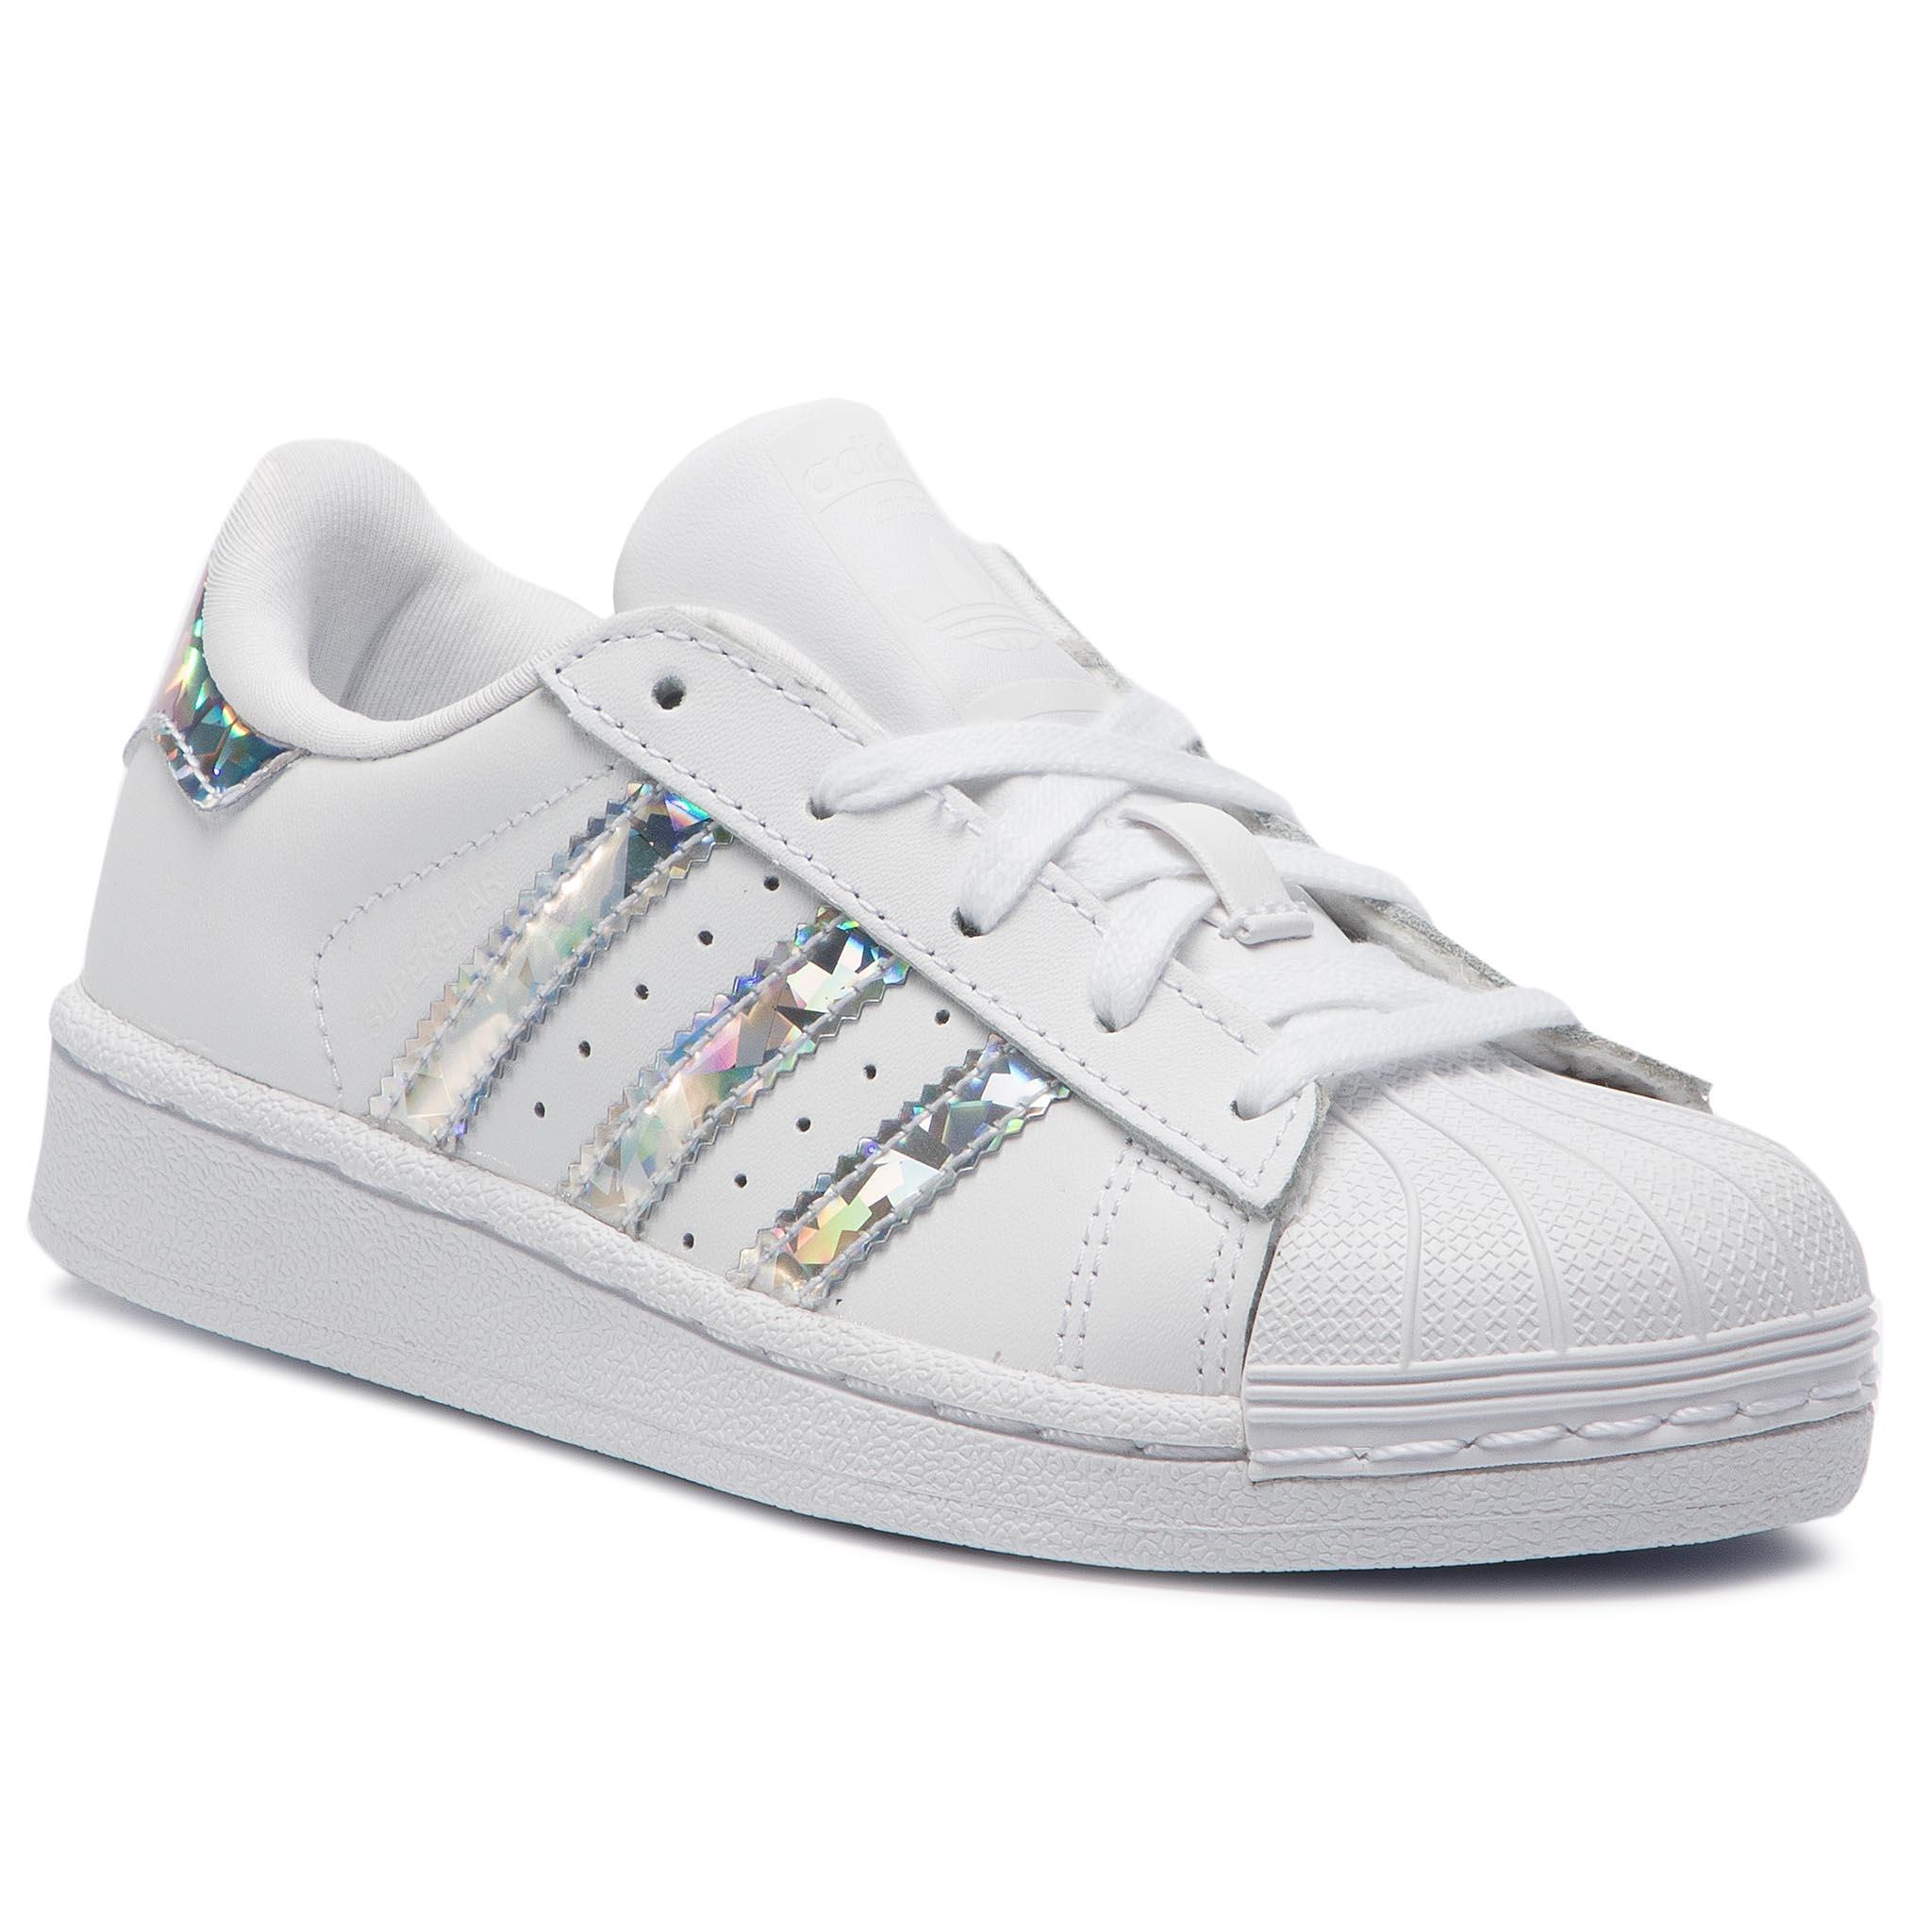 df35fbf998ca2 Topánky adidas - Superstar C CG6708 Ftwwht/Ftwwht - Glami.sk